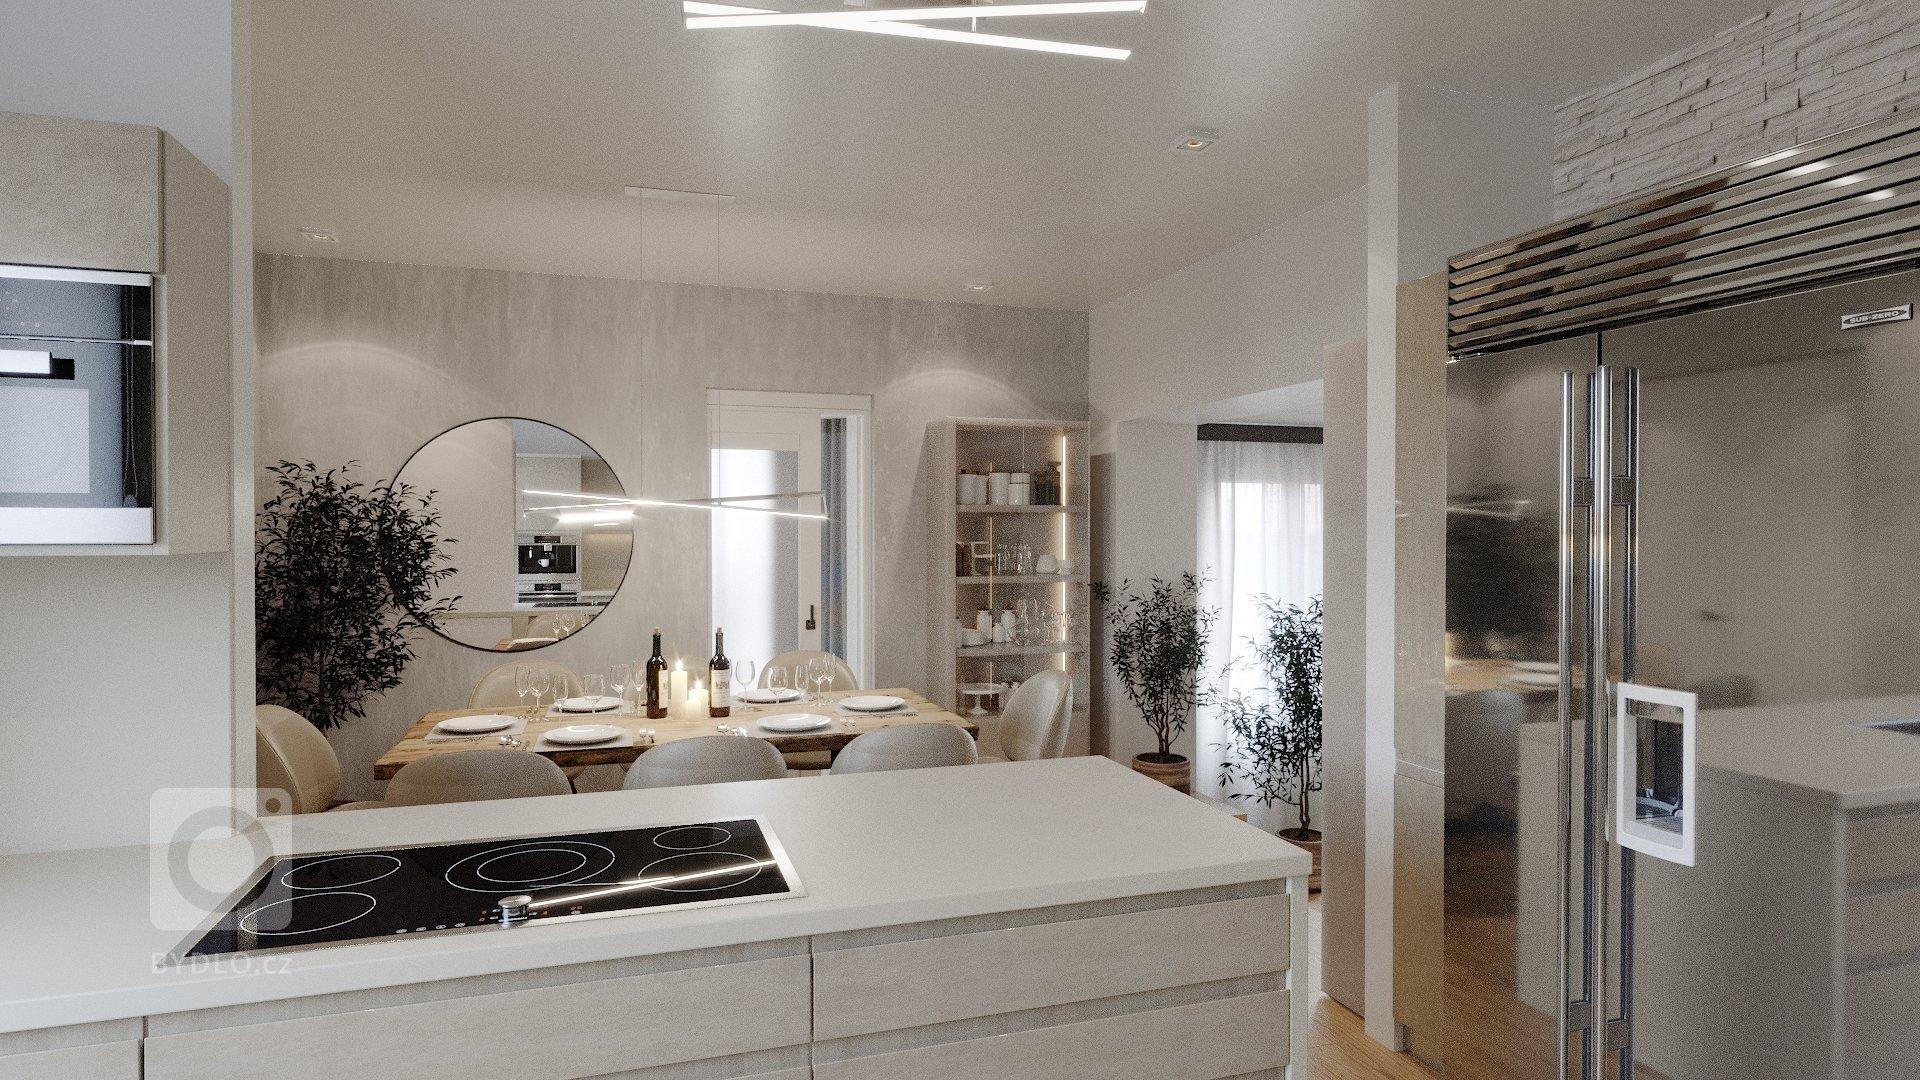 Komplexní rekonstrukce domu zahrnovala zpracování designových návrhů interiéru. Práce byla o to těžší, že majitelé chtěli zachovat část původního nábytku.&nbsp…